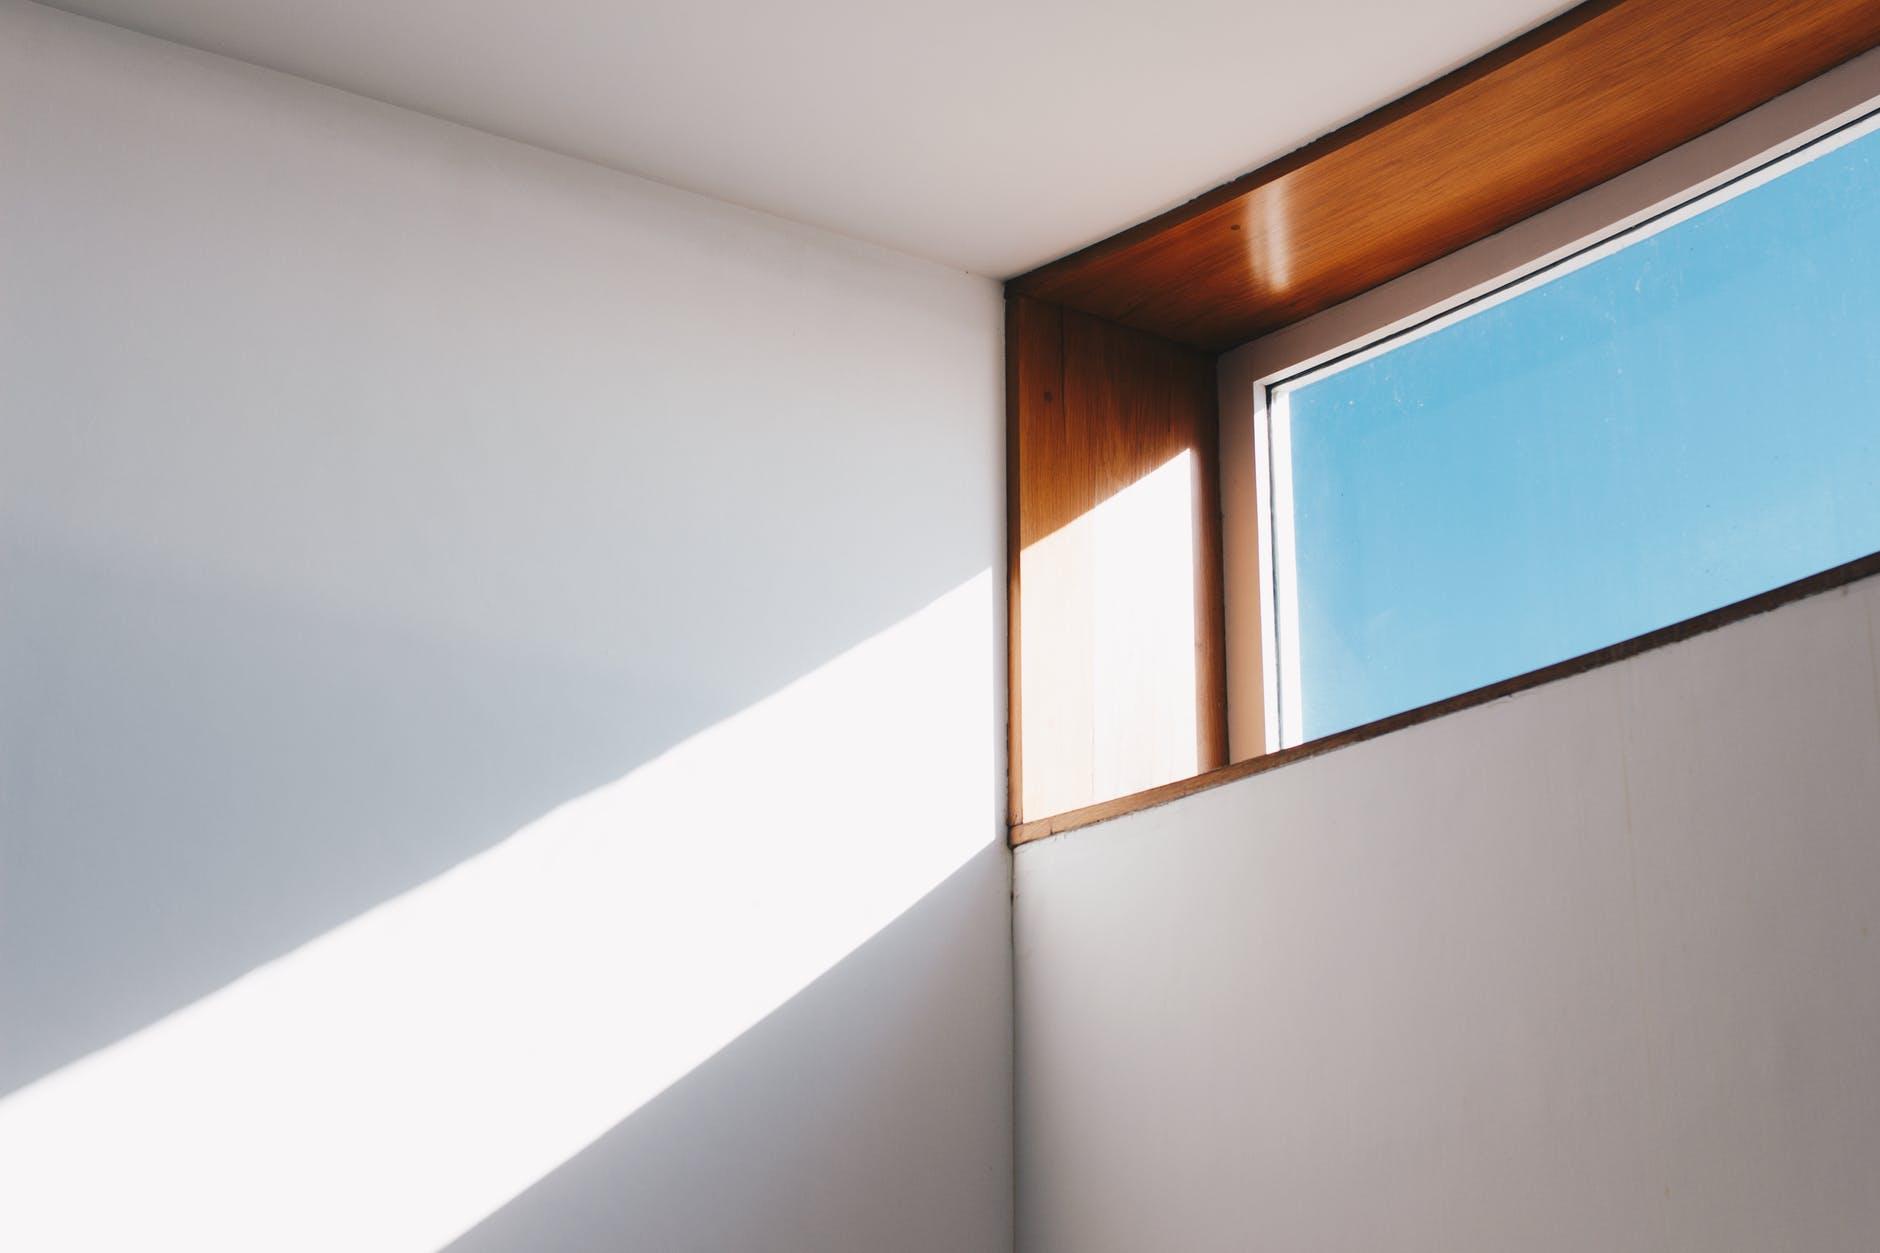 Fenêtres à soufflet